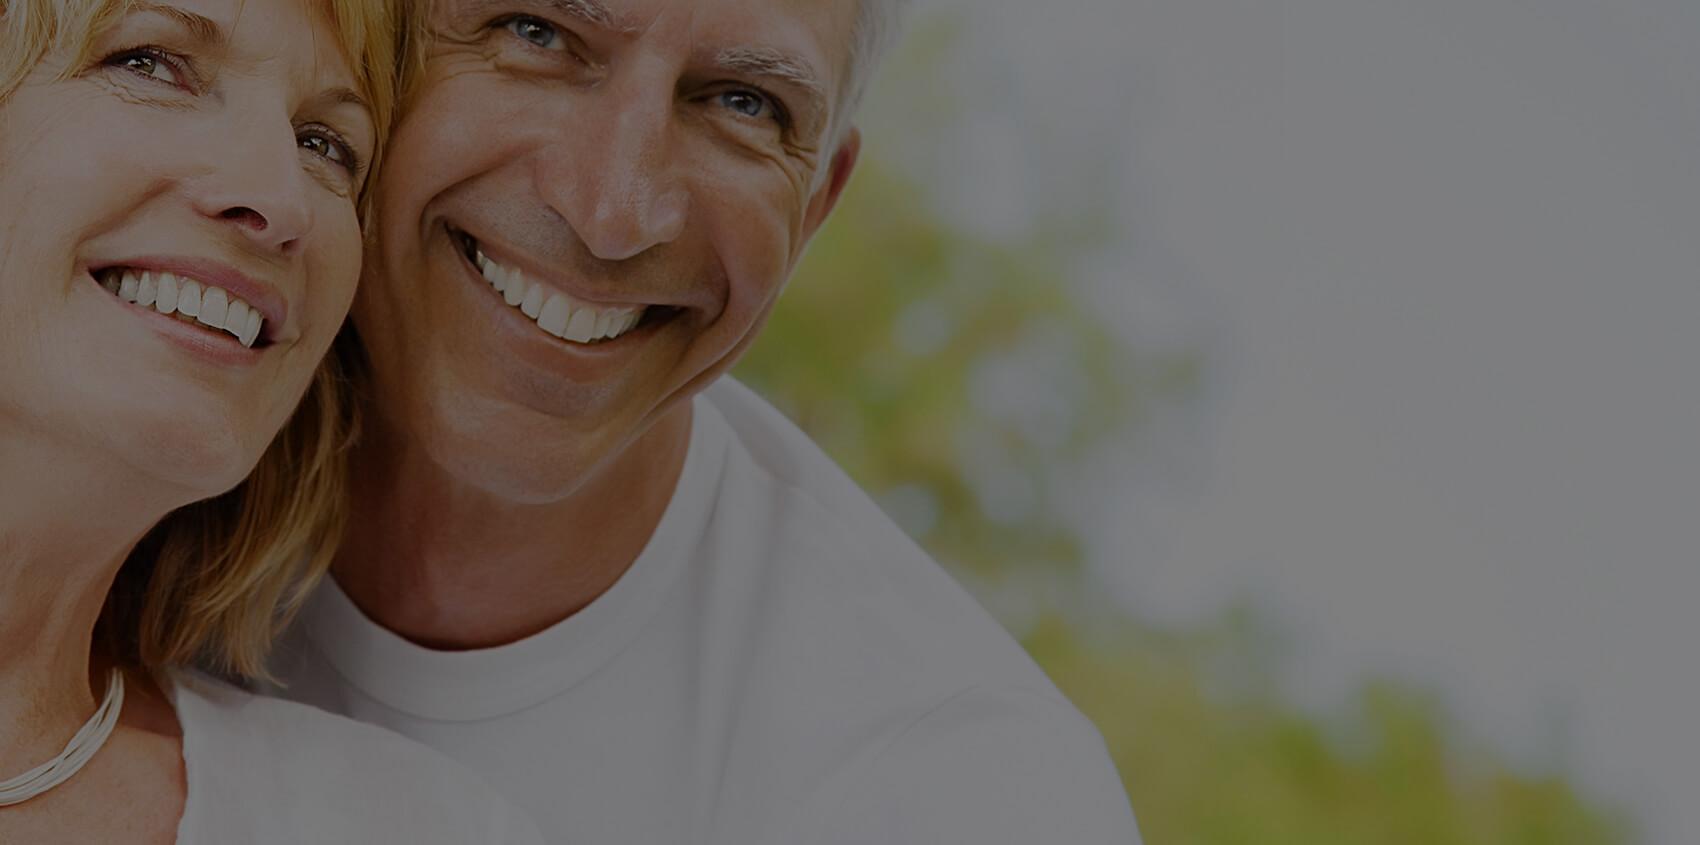 Dental Bridges for Missing Teeth Restore Smiles in Salt Lake City UT